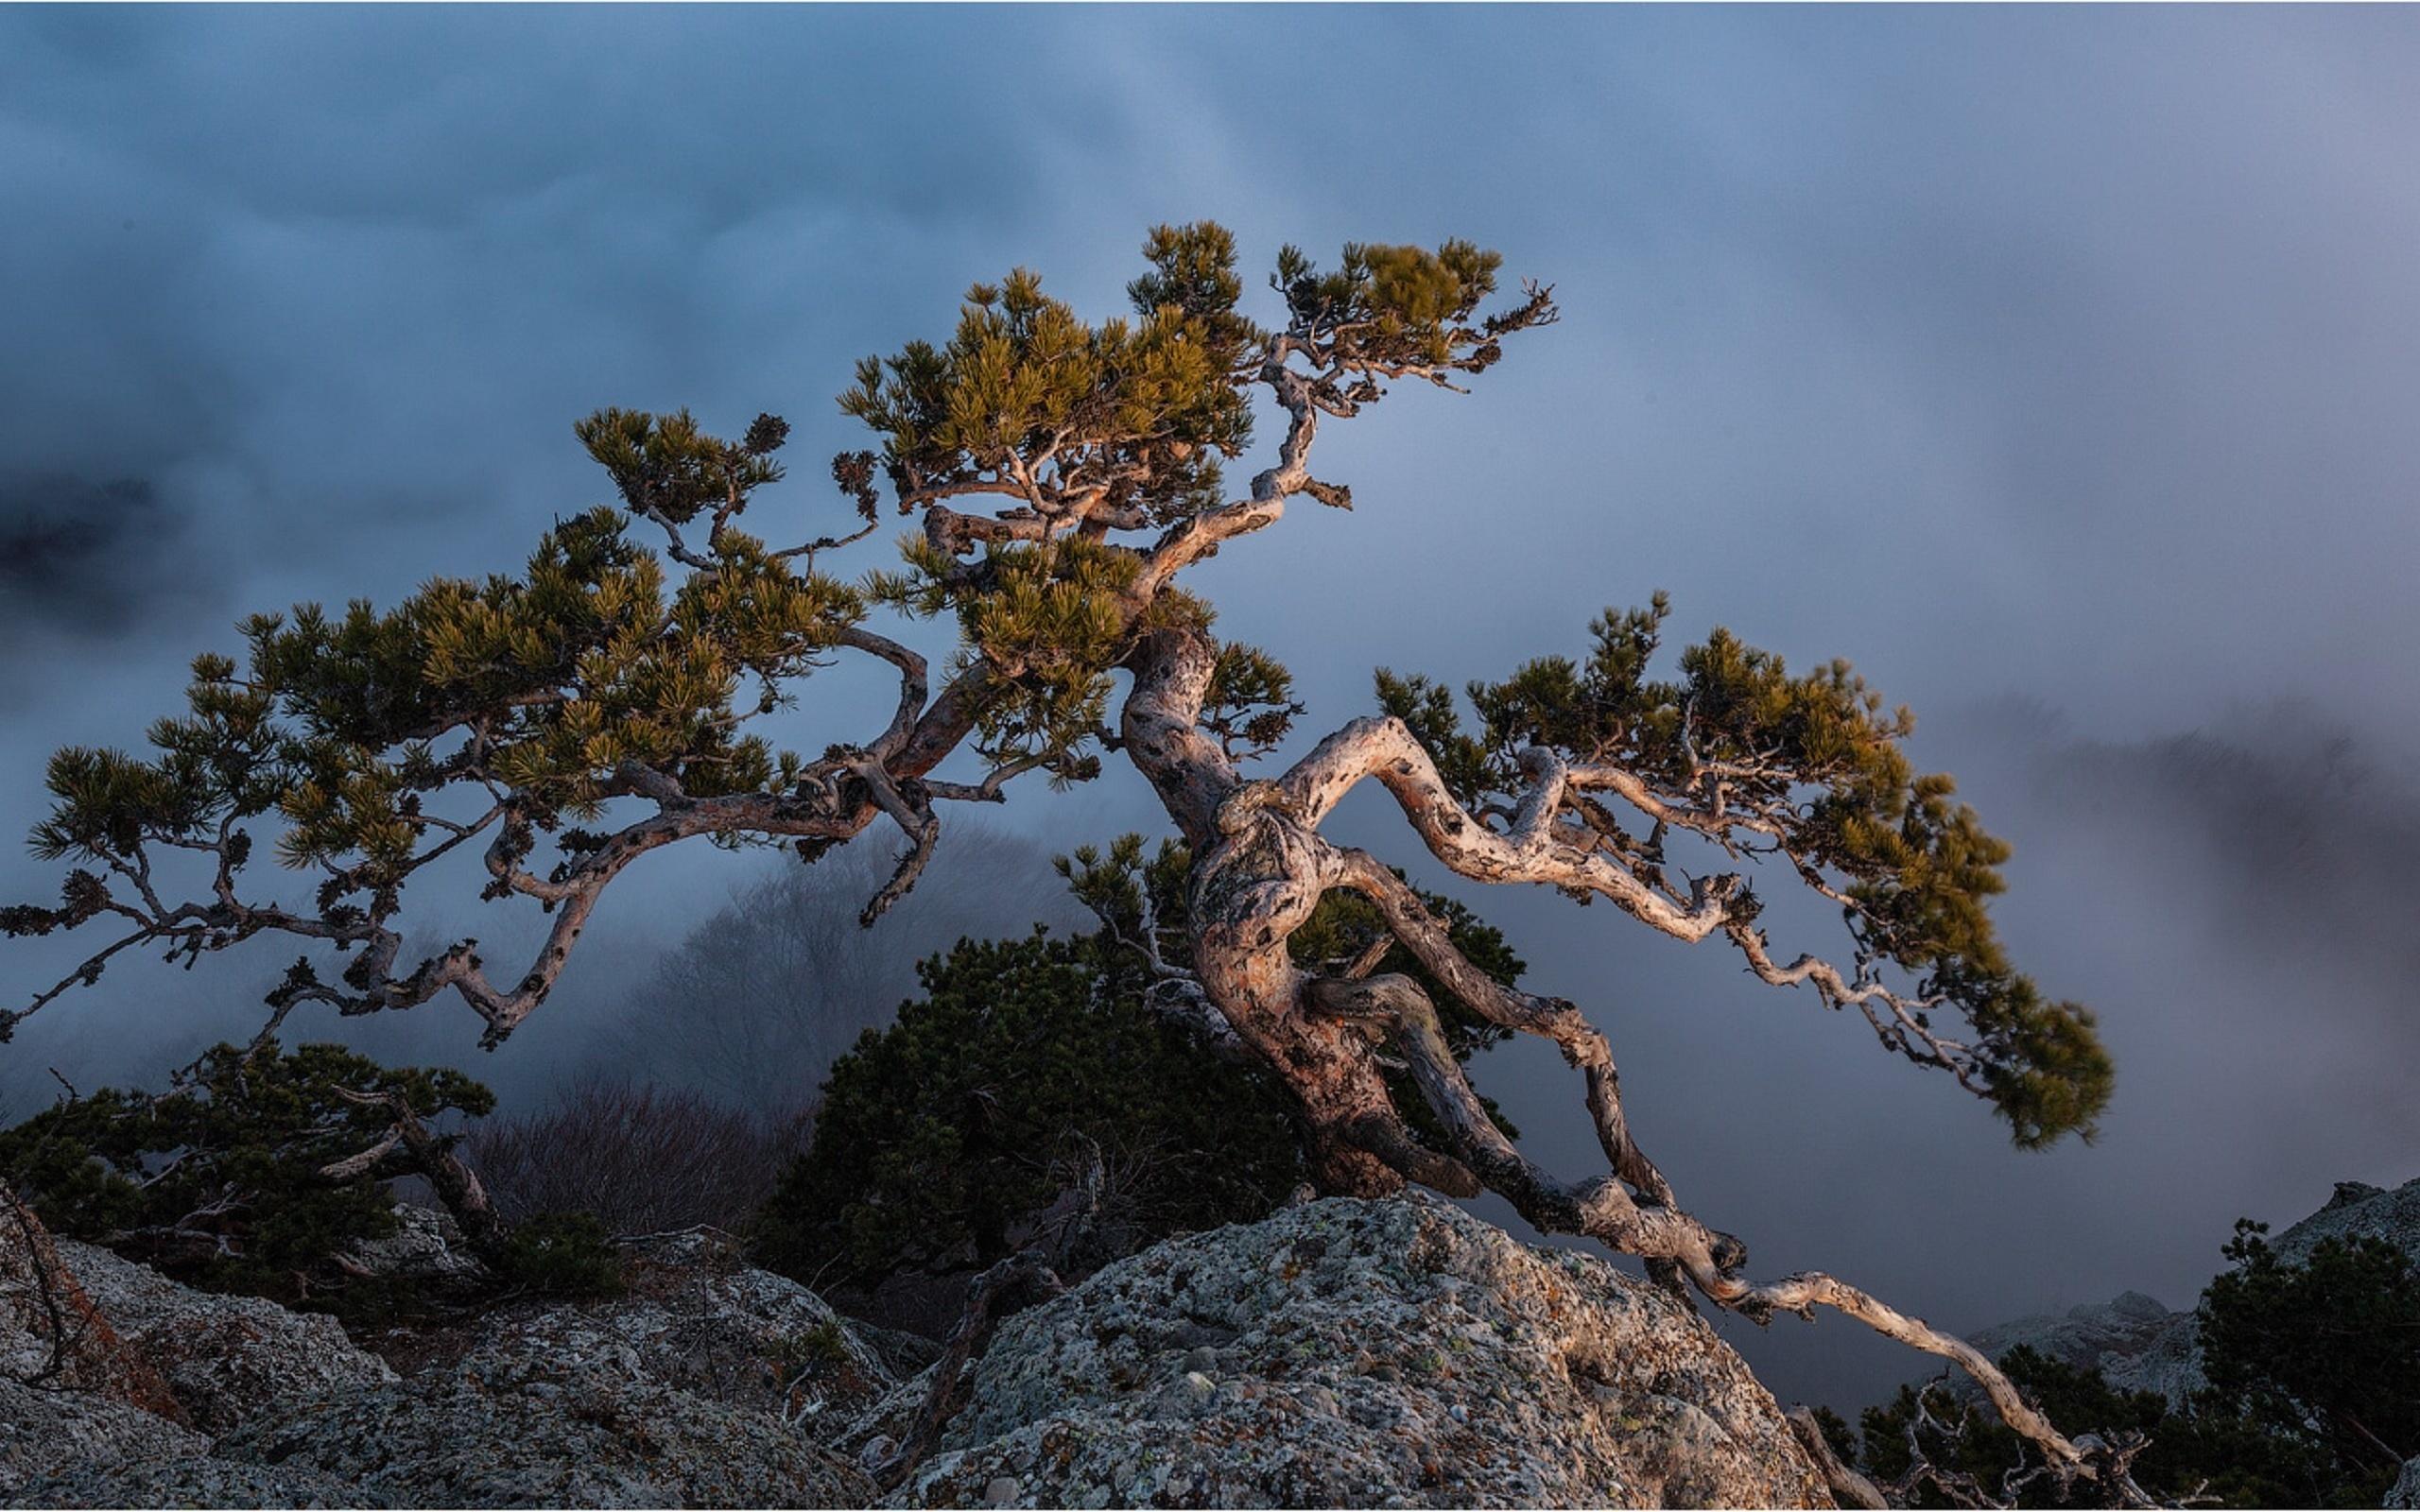 картинка дерево на скале день используем